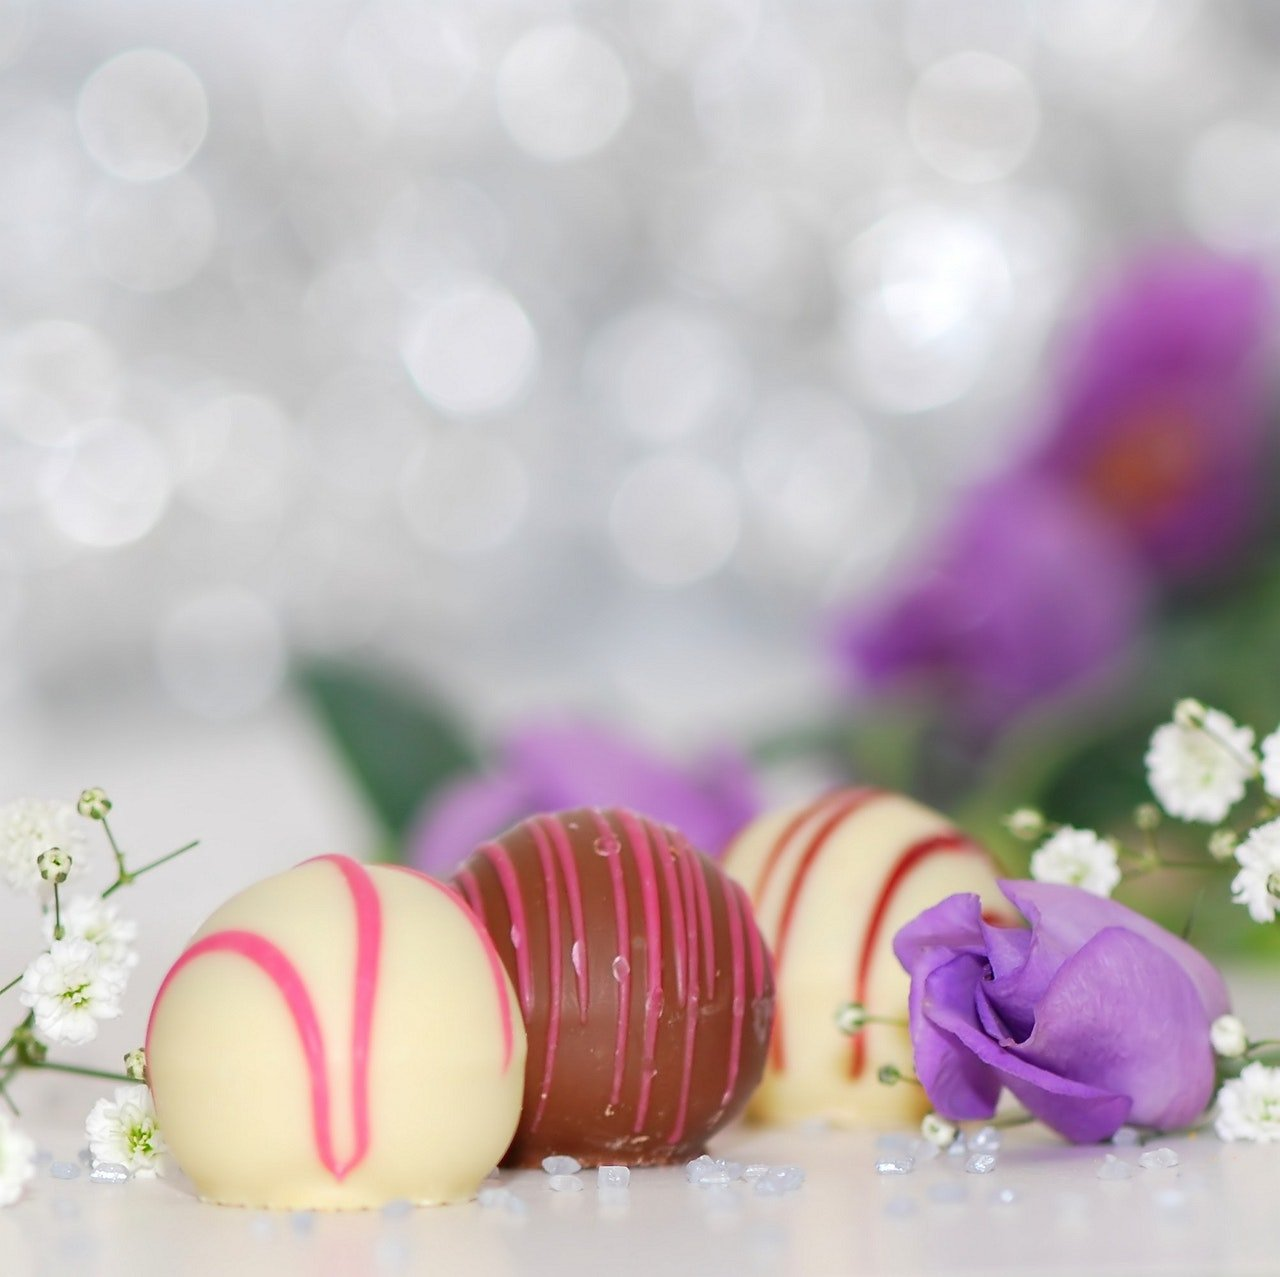 Cioccolato bianco come si fa?